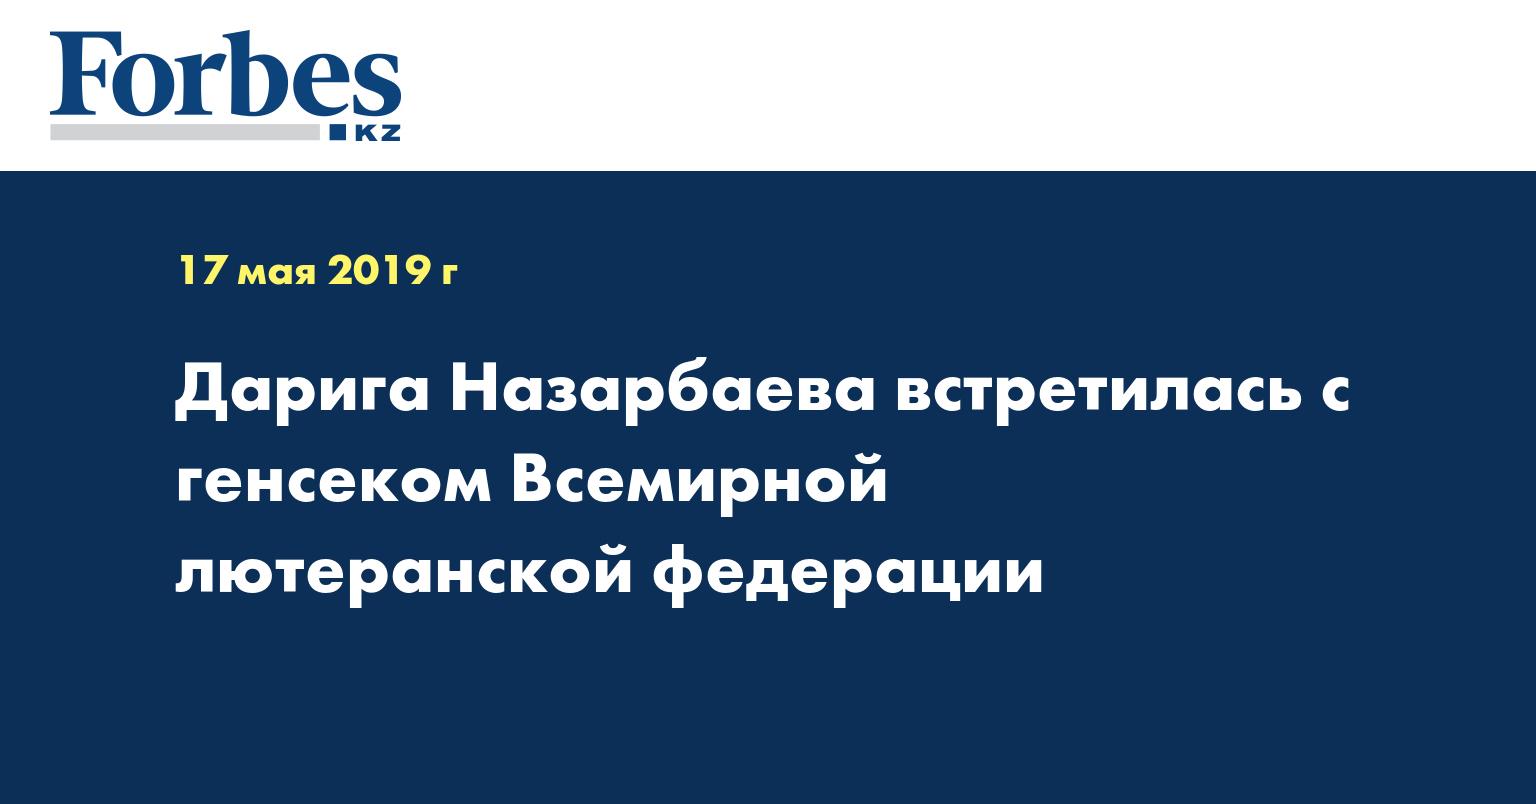 Дарига Назарбаева встретилась с генсеком Всемирной лютеранской федерации